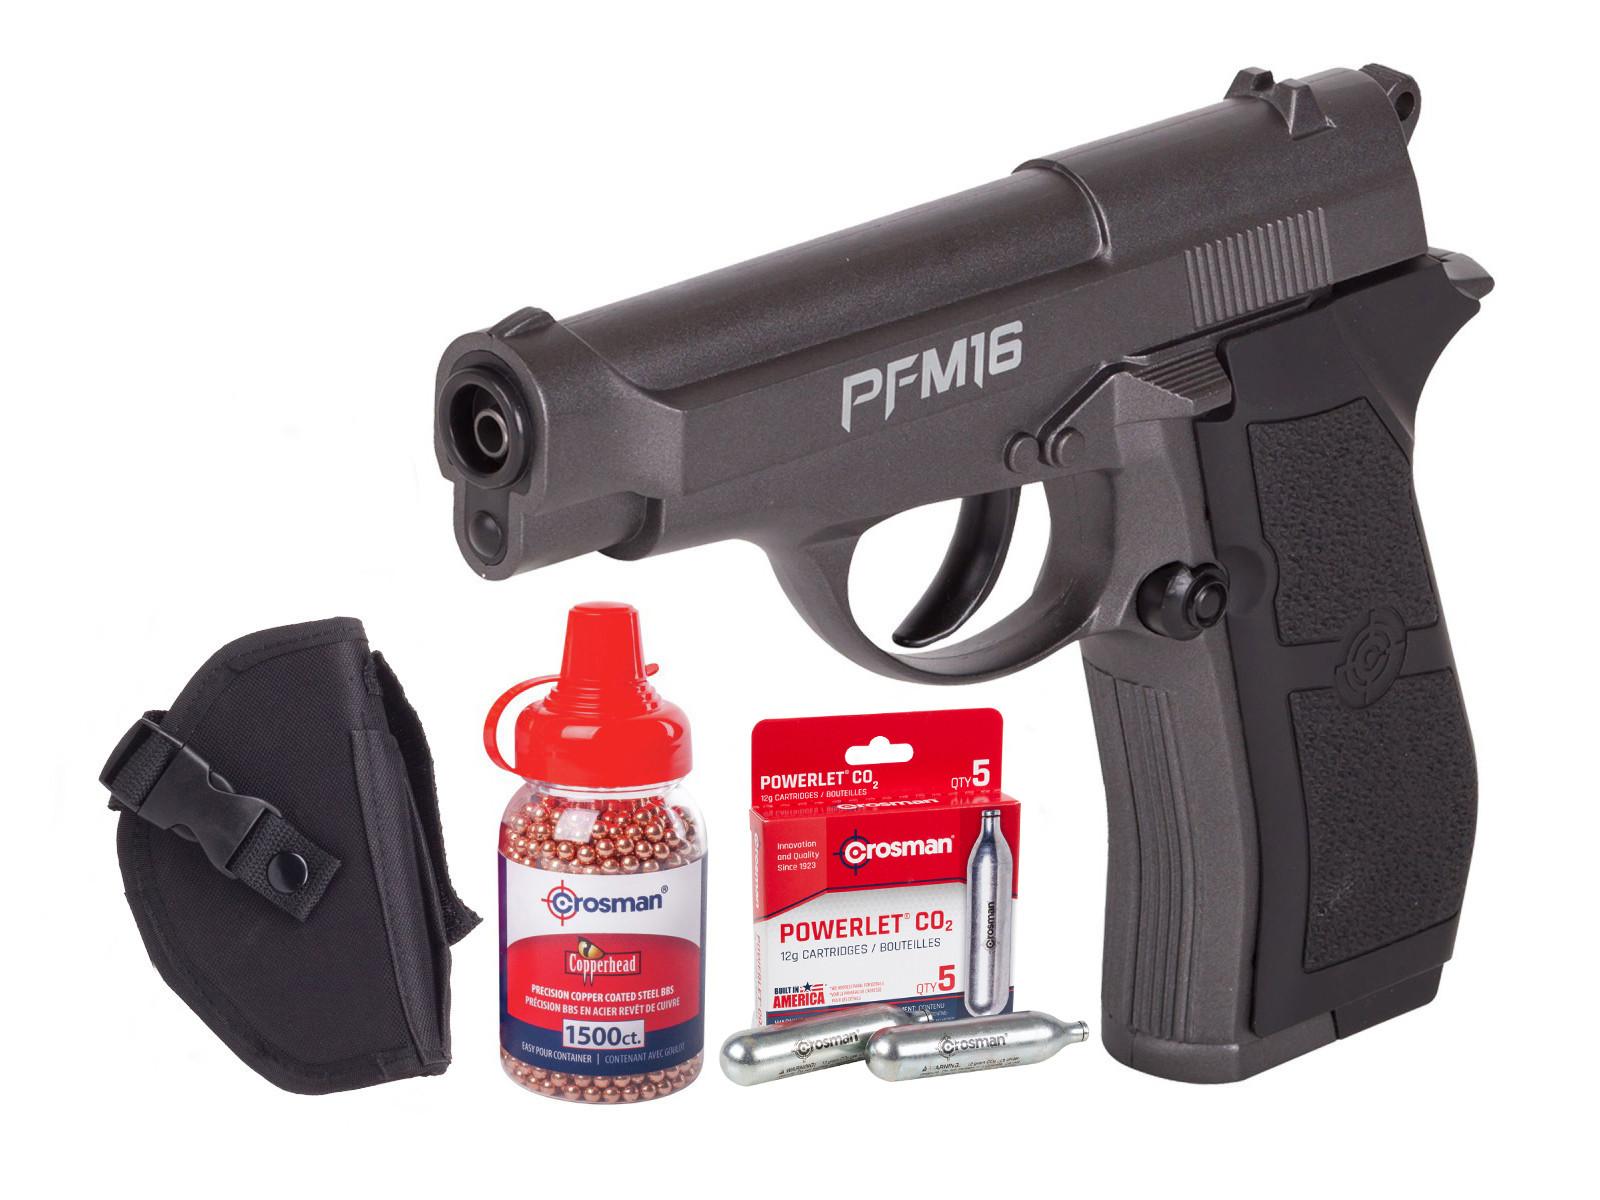 Crosman PFM16 Full Metal CO2 BB Pistol Kit